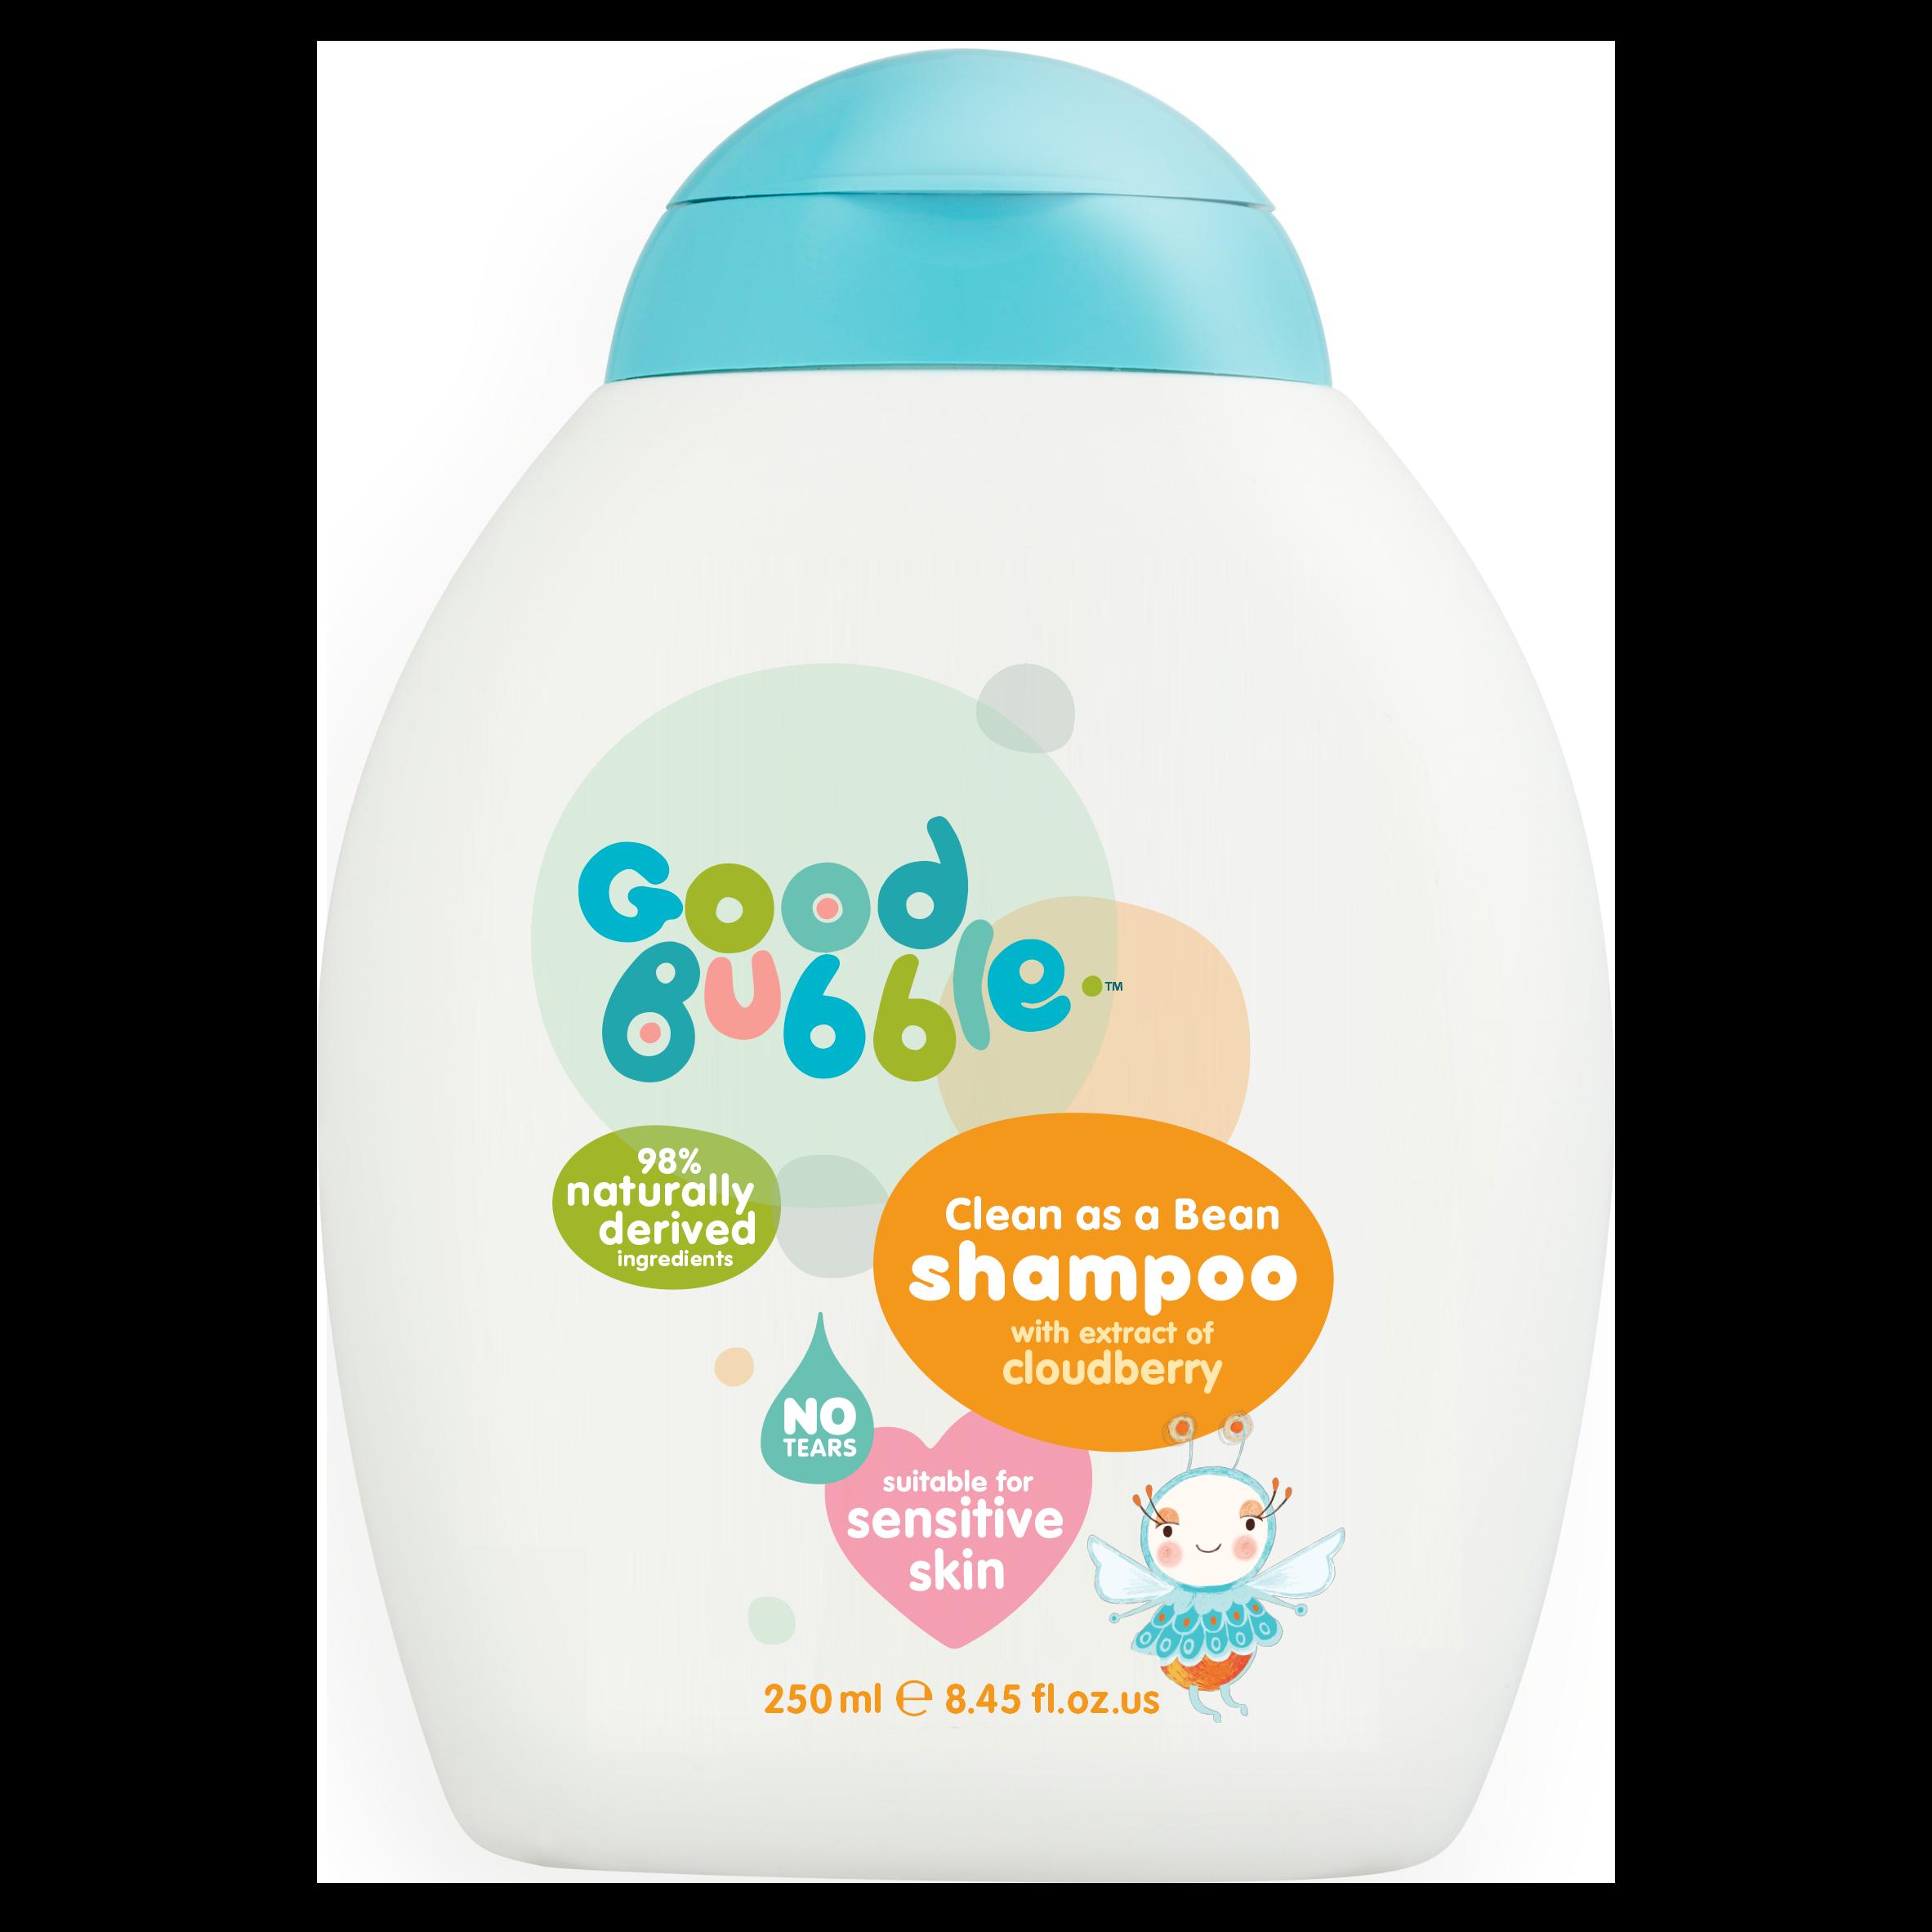 Gb13 Cb250Ml Shampoo